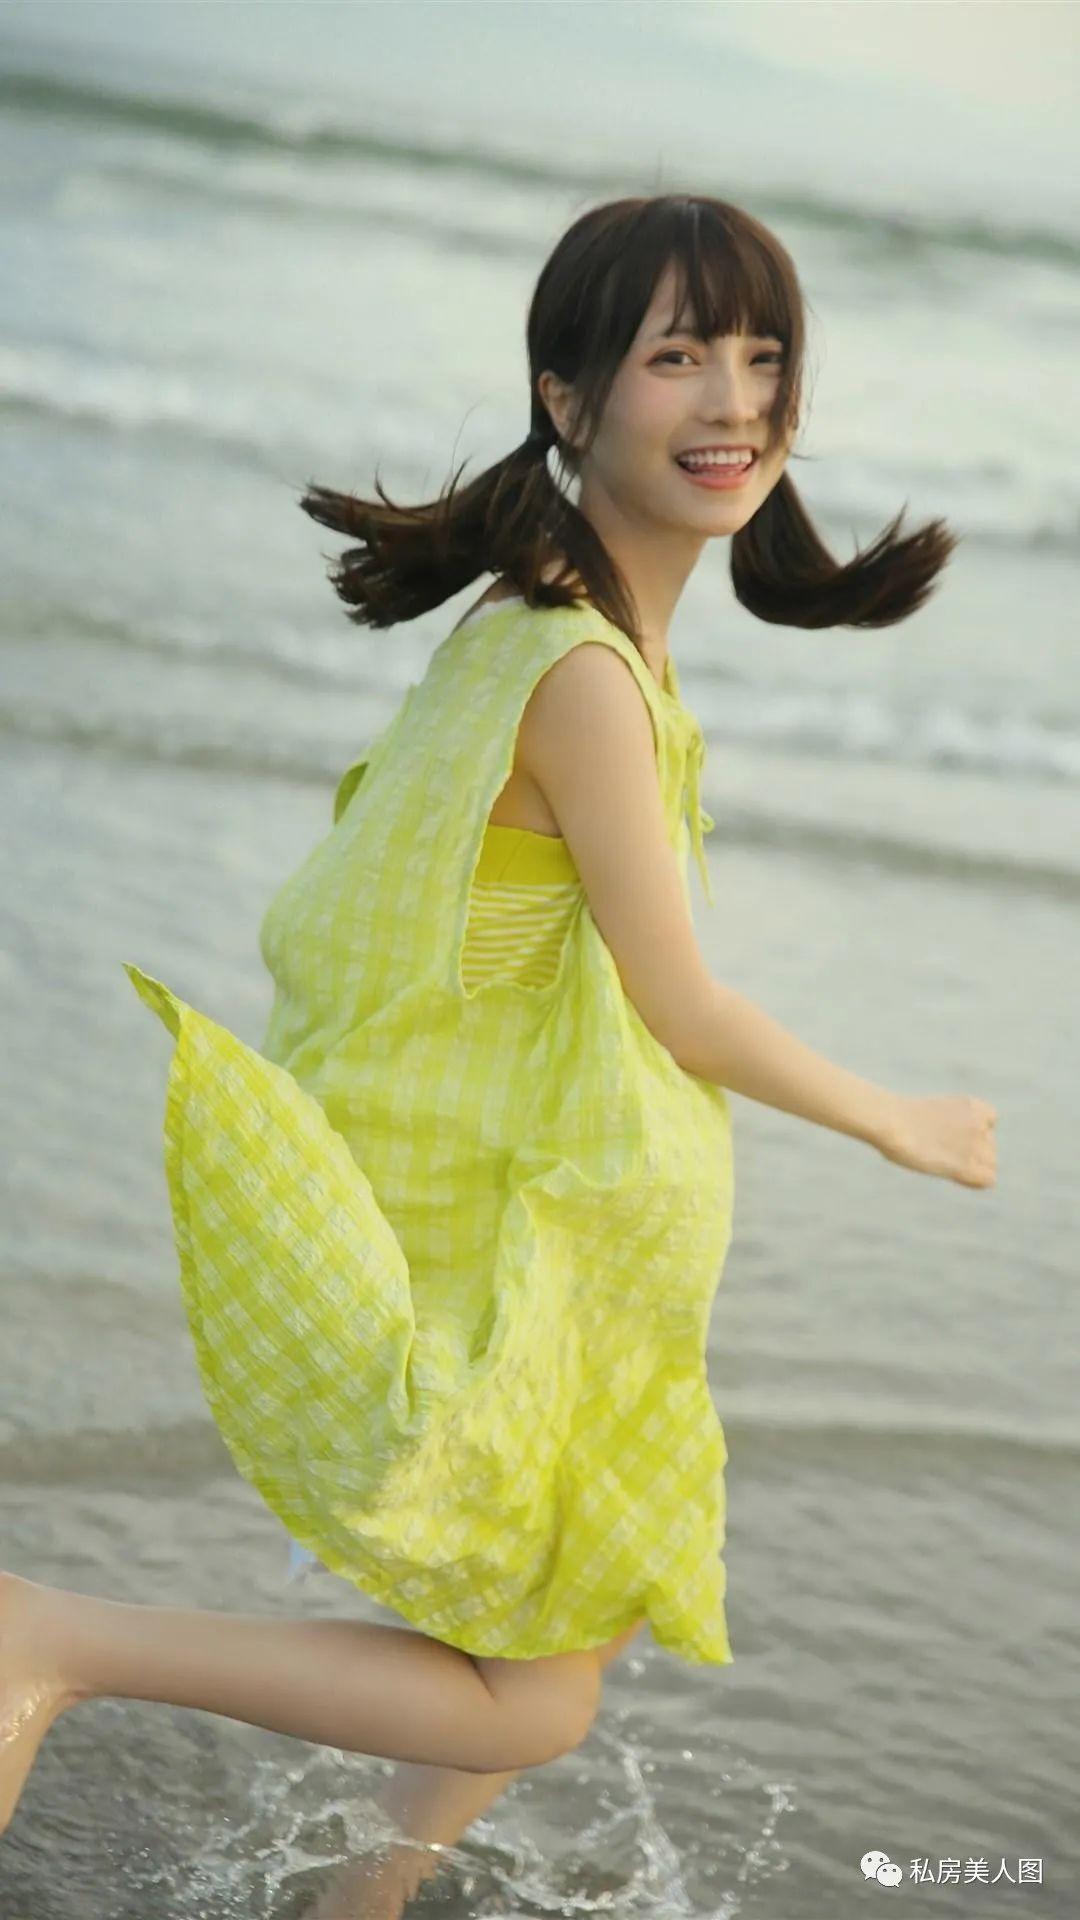 妹子摄影 – 双马尾连衣裙甜美少女的海边日记_图片 No.6